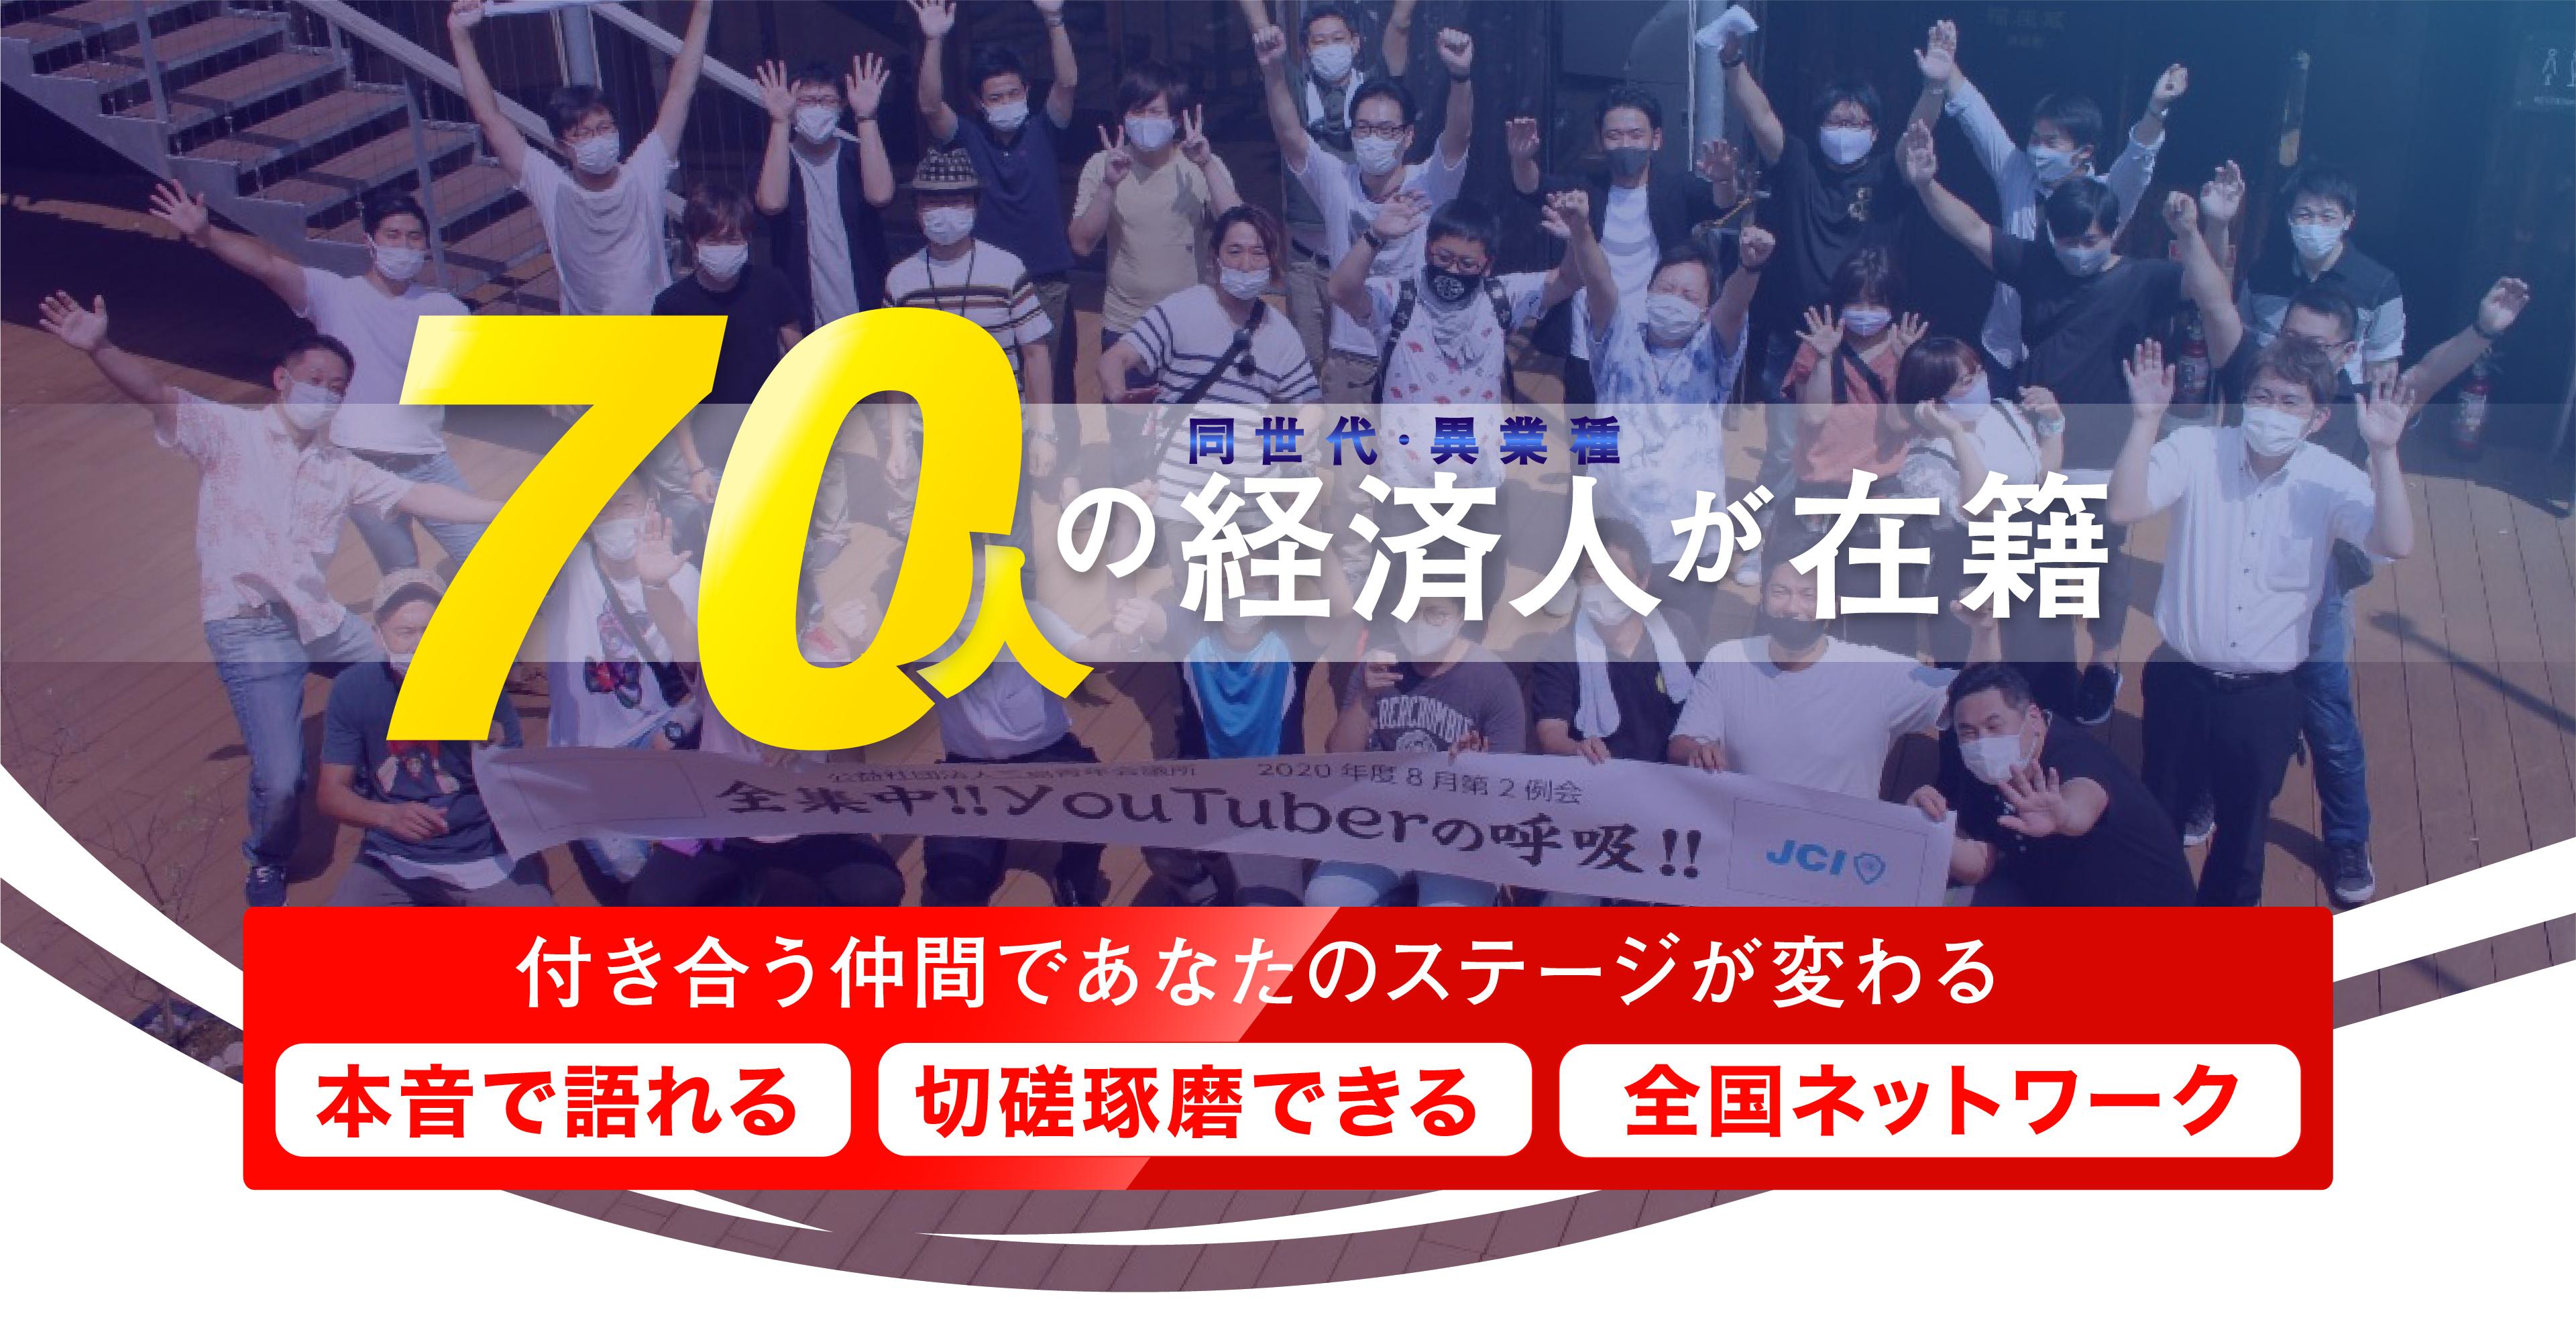 静岡県にお住まいの20歳〜39歳限定。付き合う仲間であなたのステージが変わる。